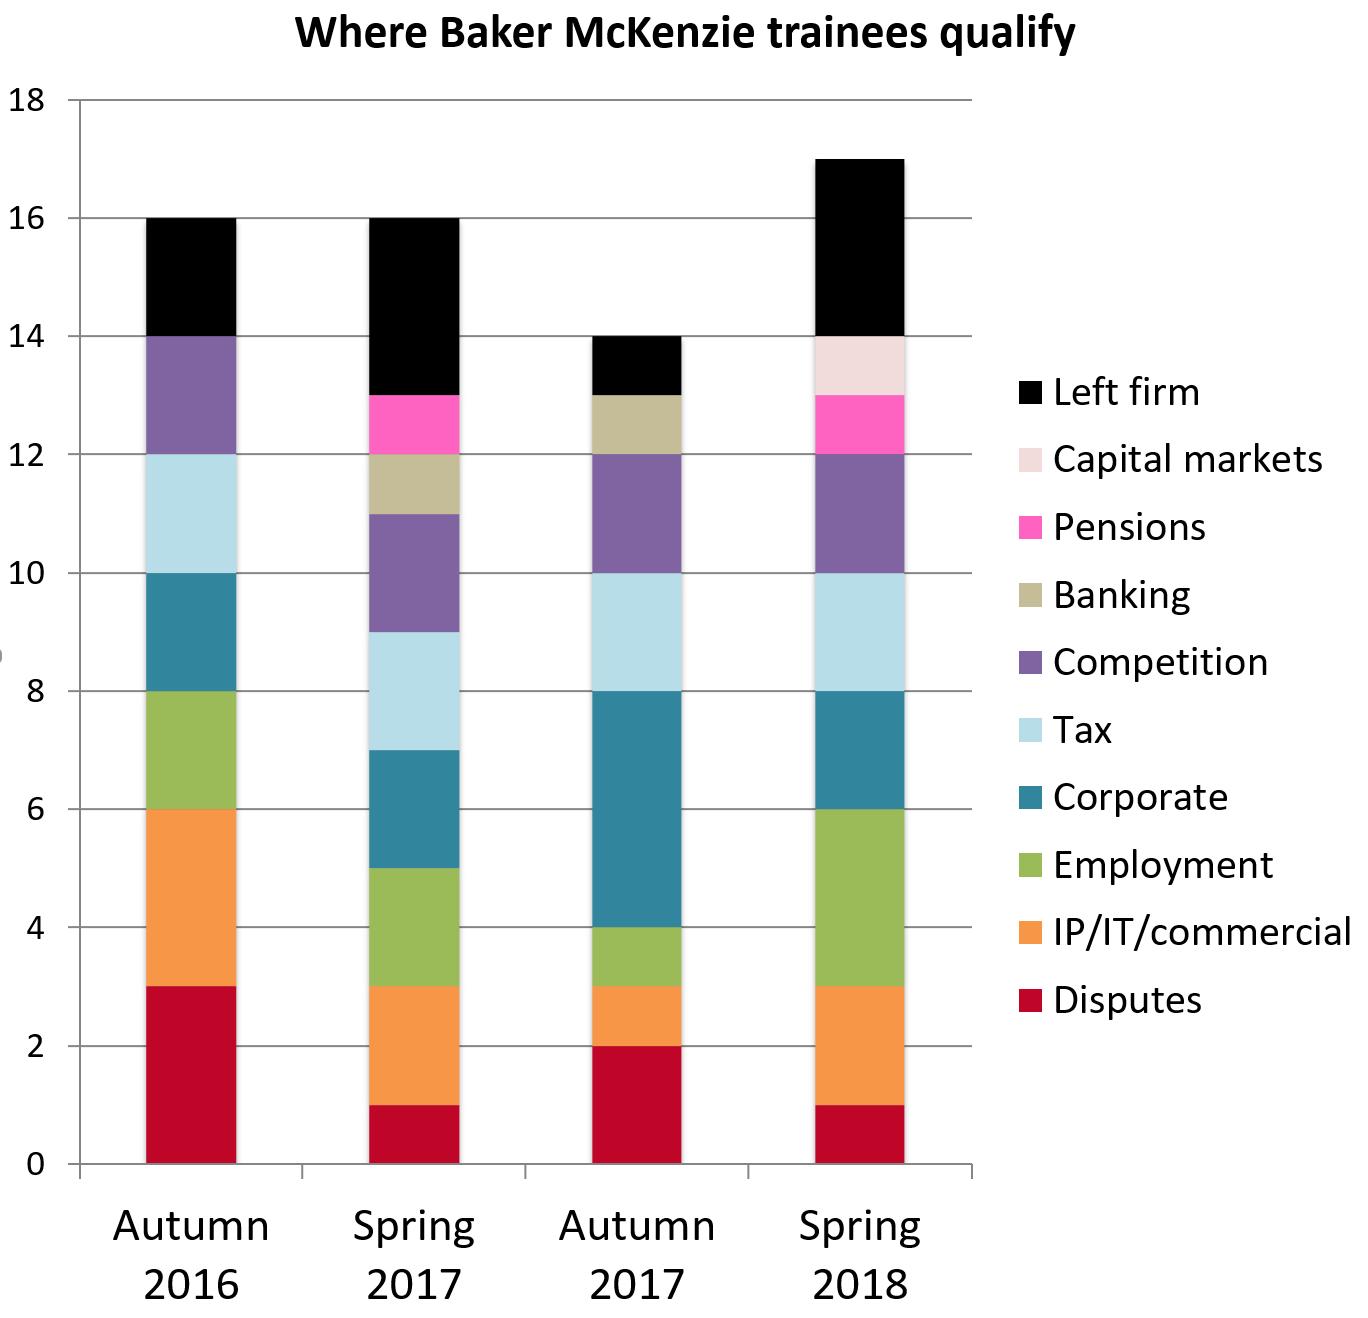 Baker McKenzie retention 2018